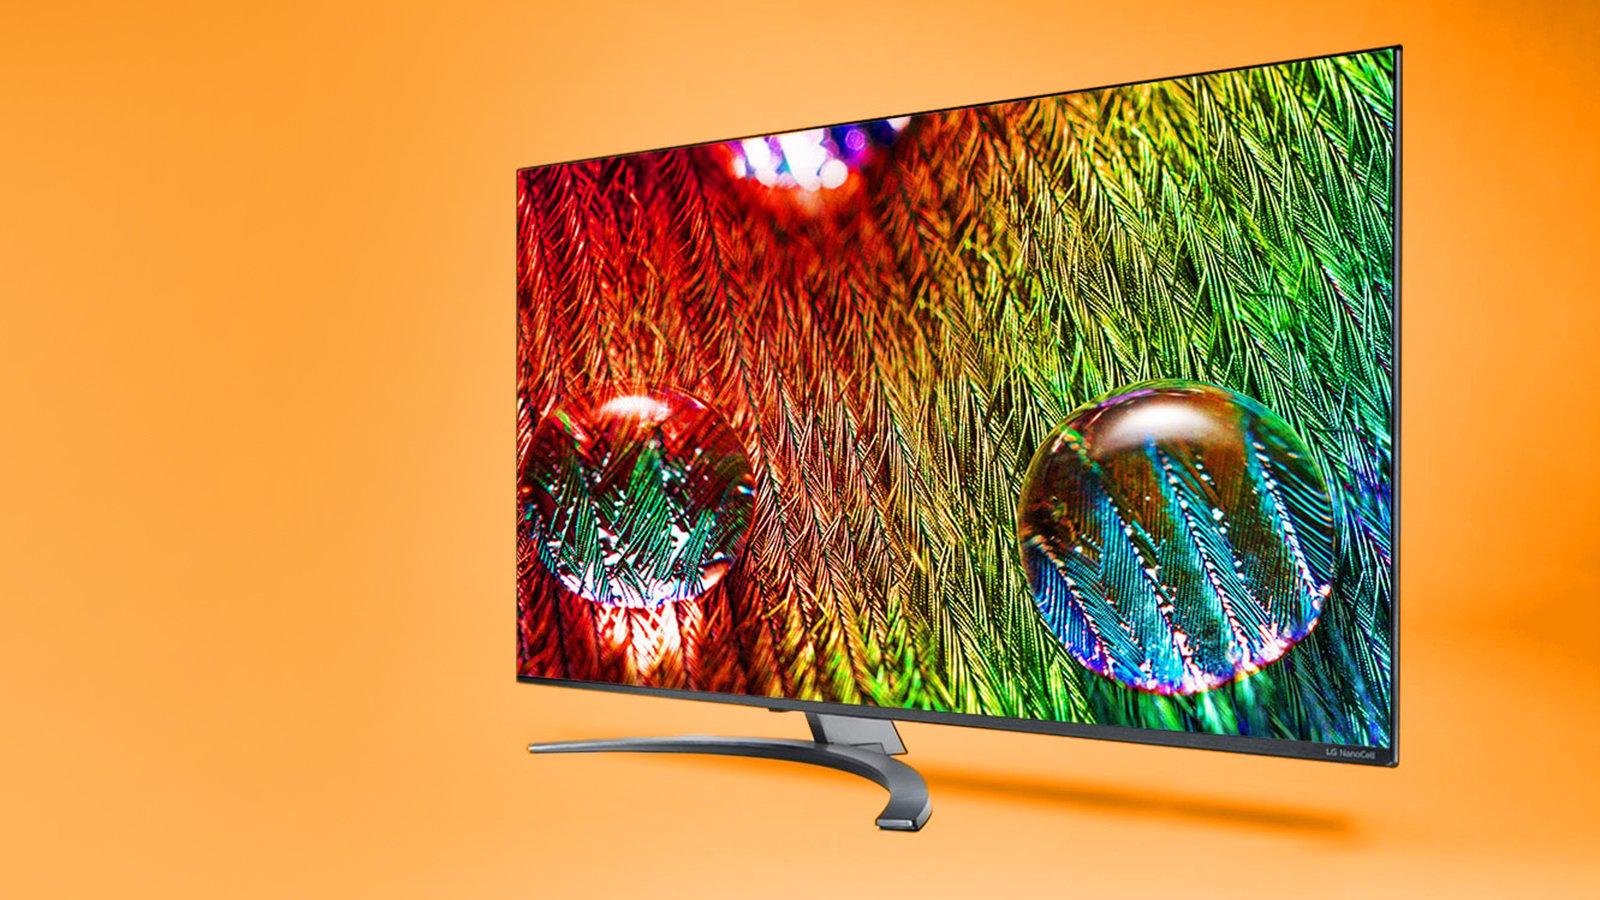 Lg nanocell 8k: conheça as surpreendentes tecnologias da linha de smart tvs. Entre a integração de aparelhos inteligentes e imagens de tirar o fôlego, entenda como funcionam as tecnologias das tvs lg nanocell 8k